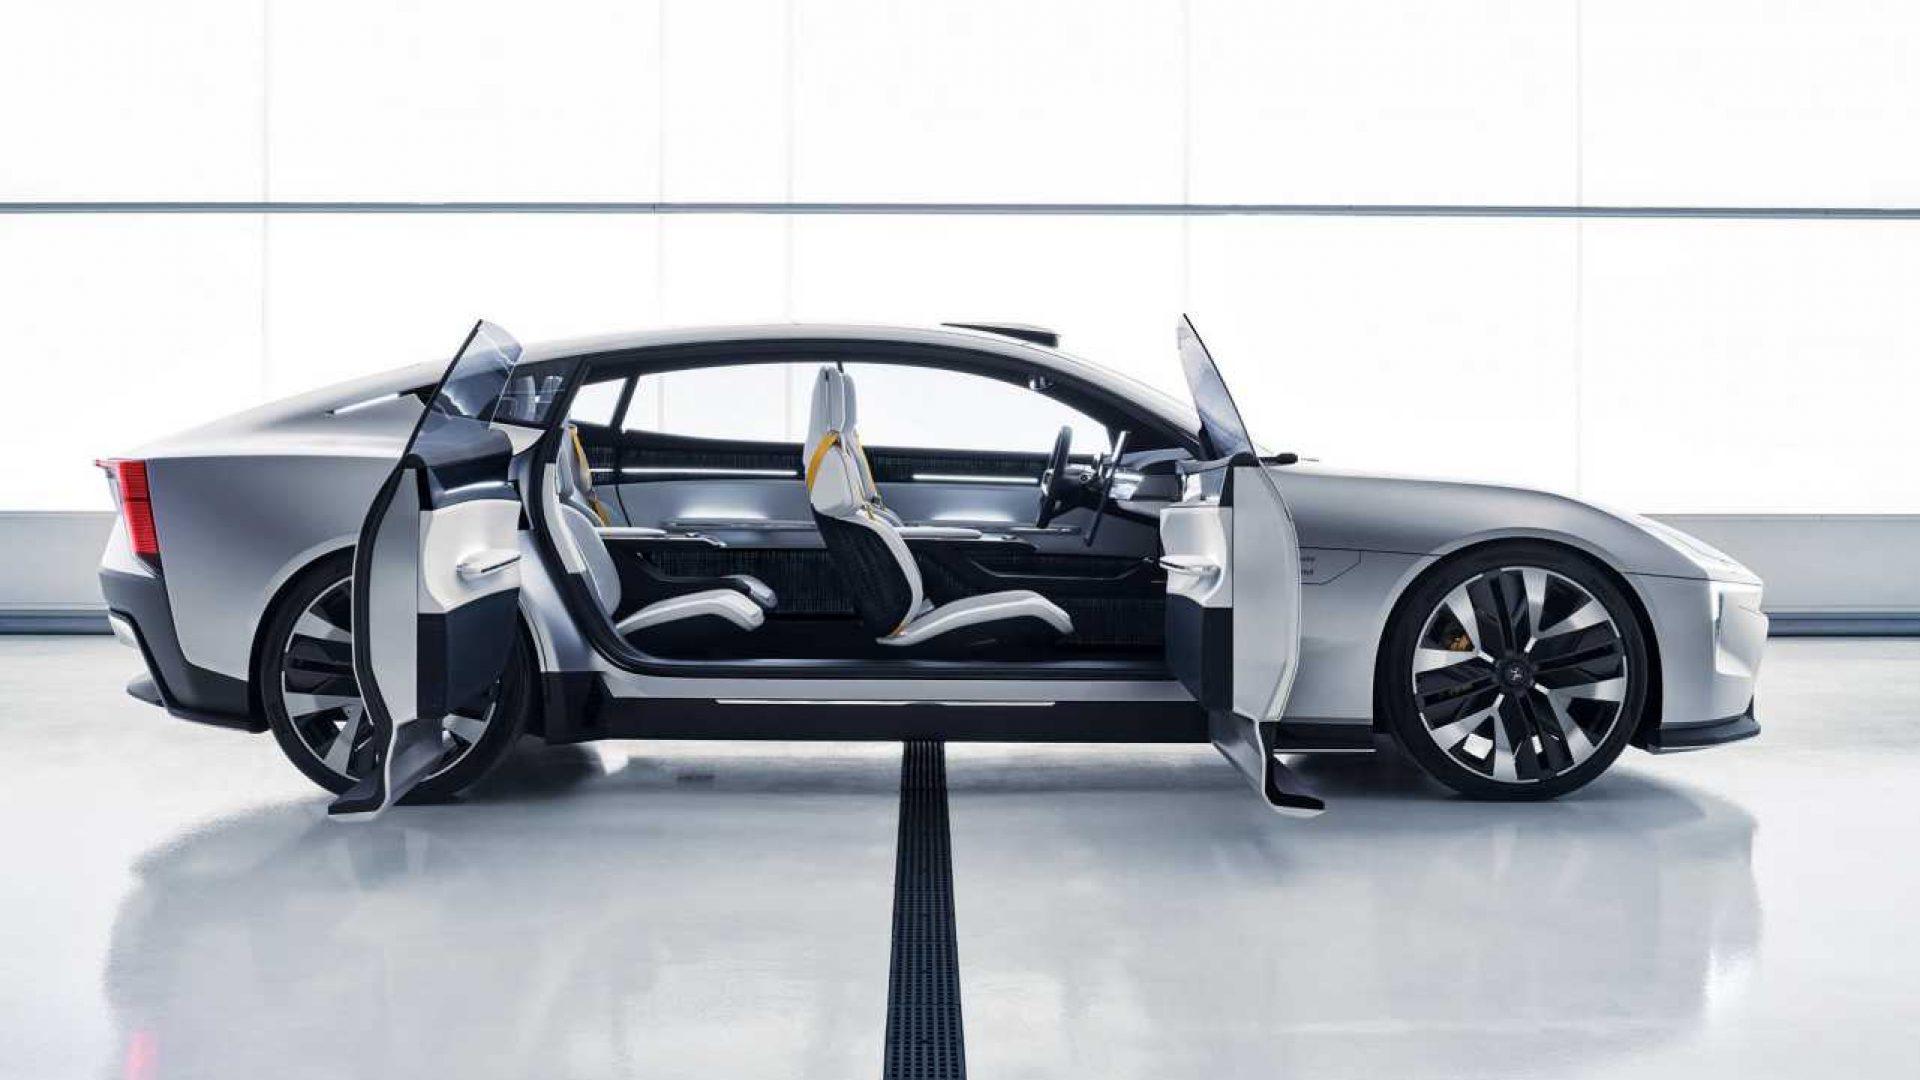 2020-Polestar-Precept-Concept-10